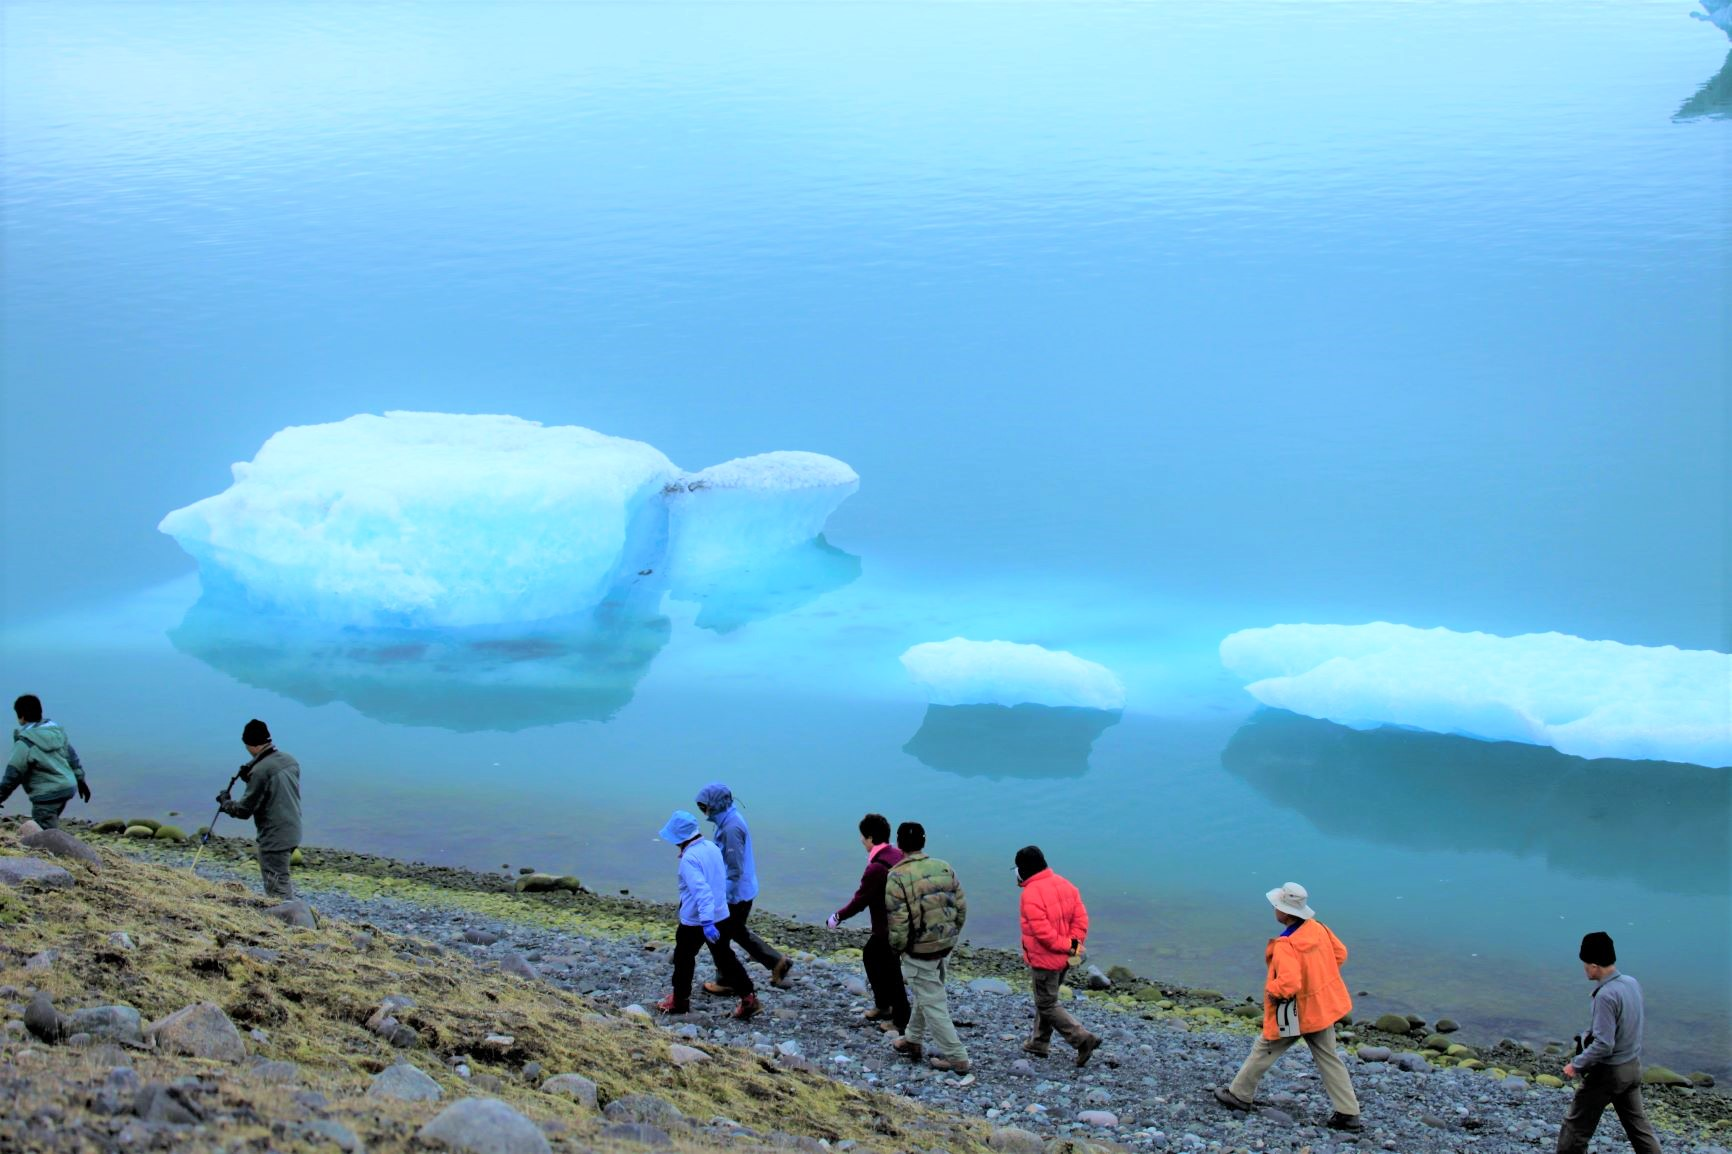 ヨークルスアゥルロゥンの氷河湖(3日目)